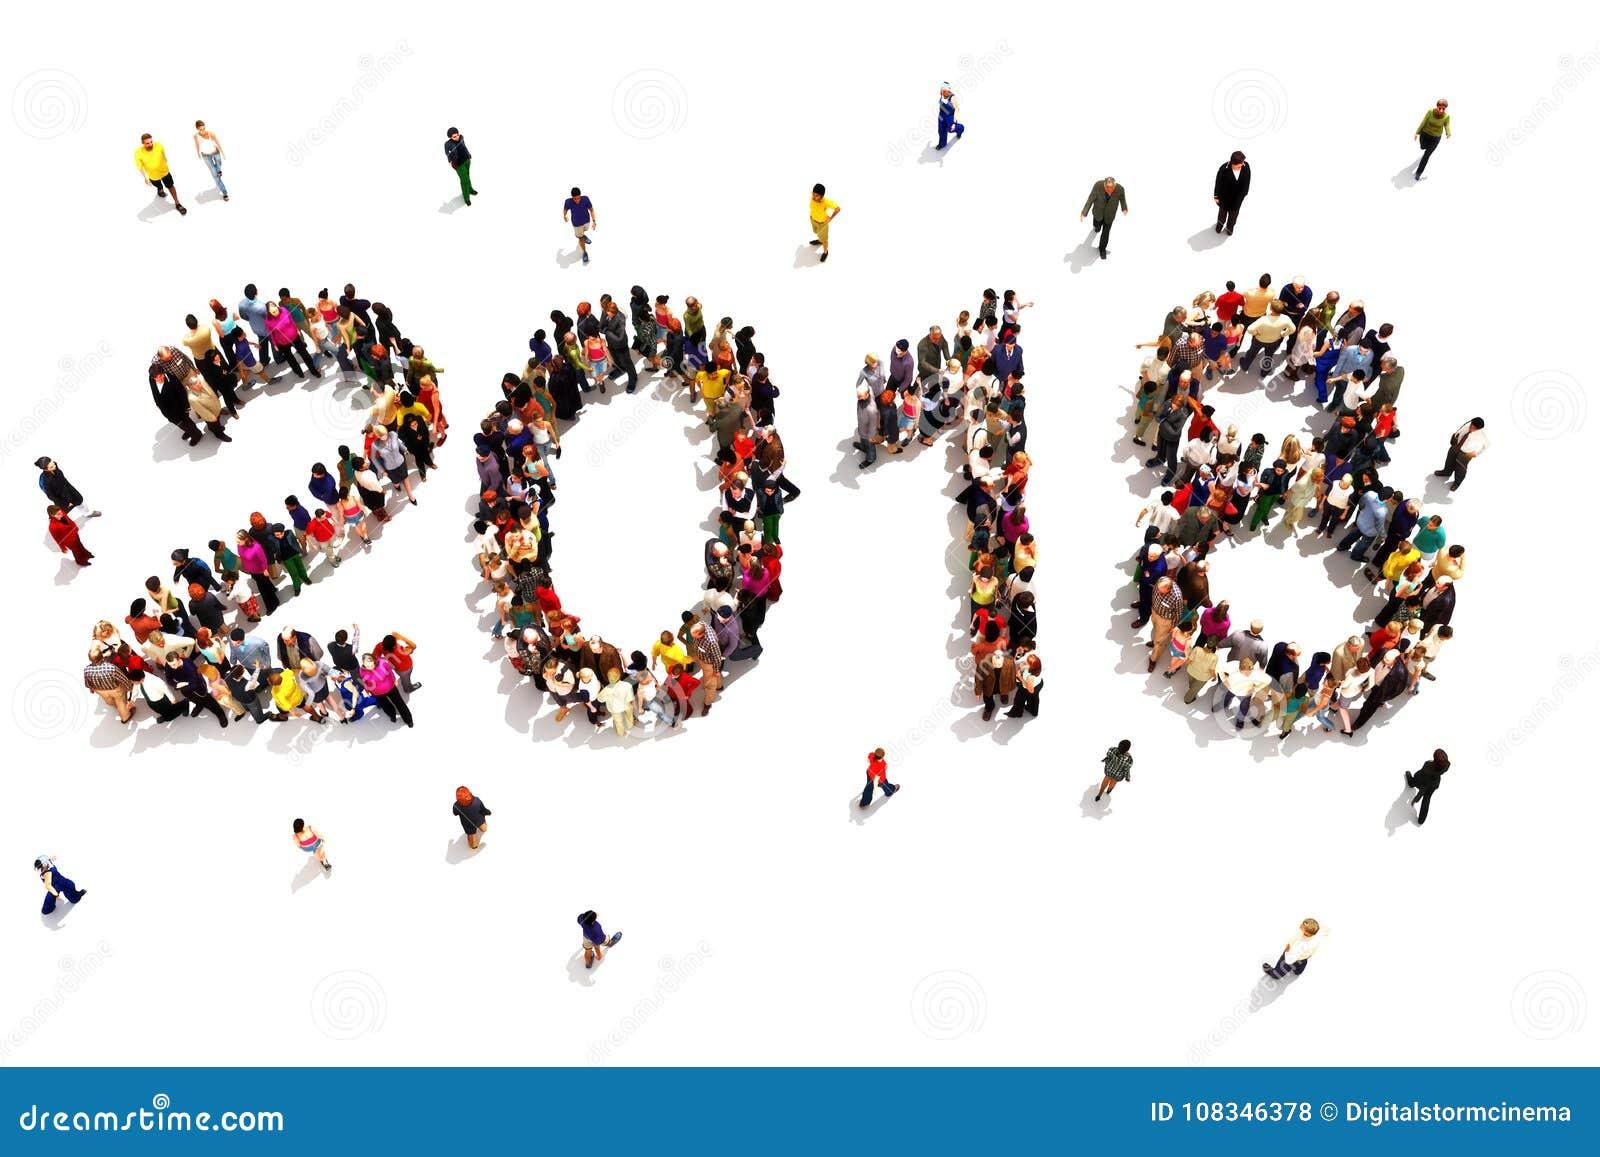 Apporter pendant la nouvelle année Grand groupe de personnes formant la forme de 2018 célébrant un concept de nouvelle année sur